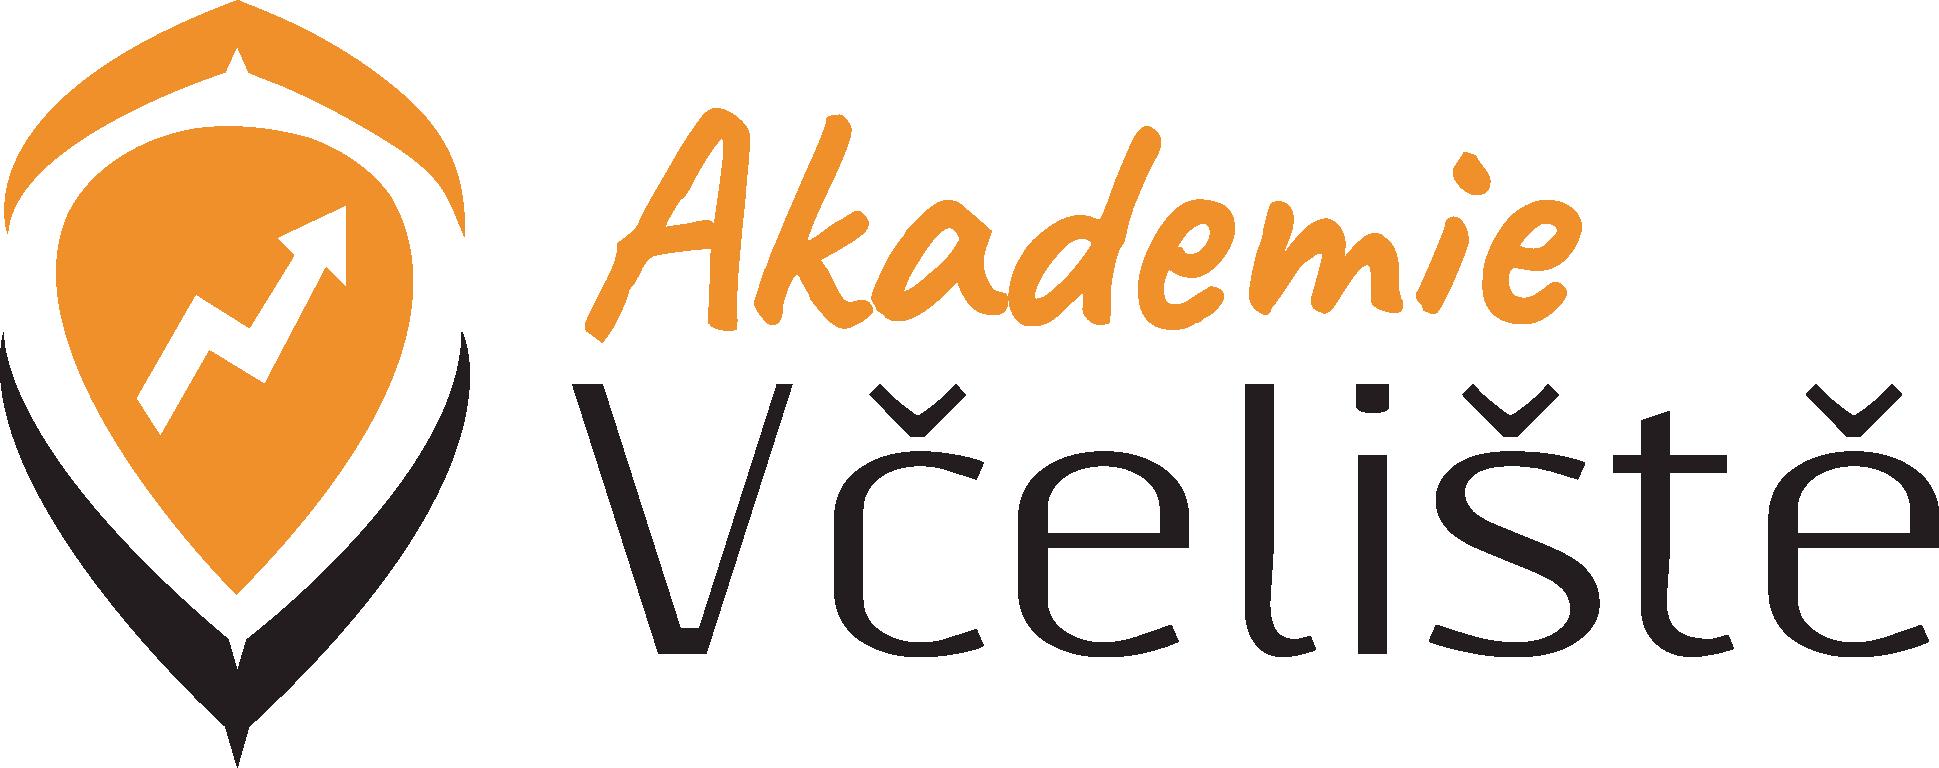 Akademie Včeliště logo.